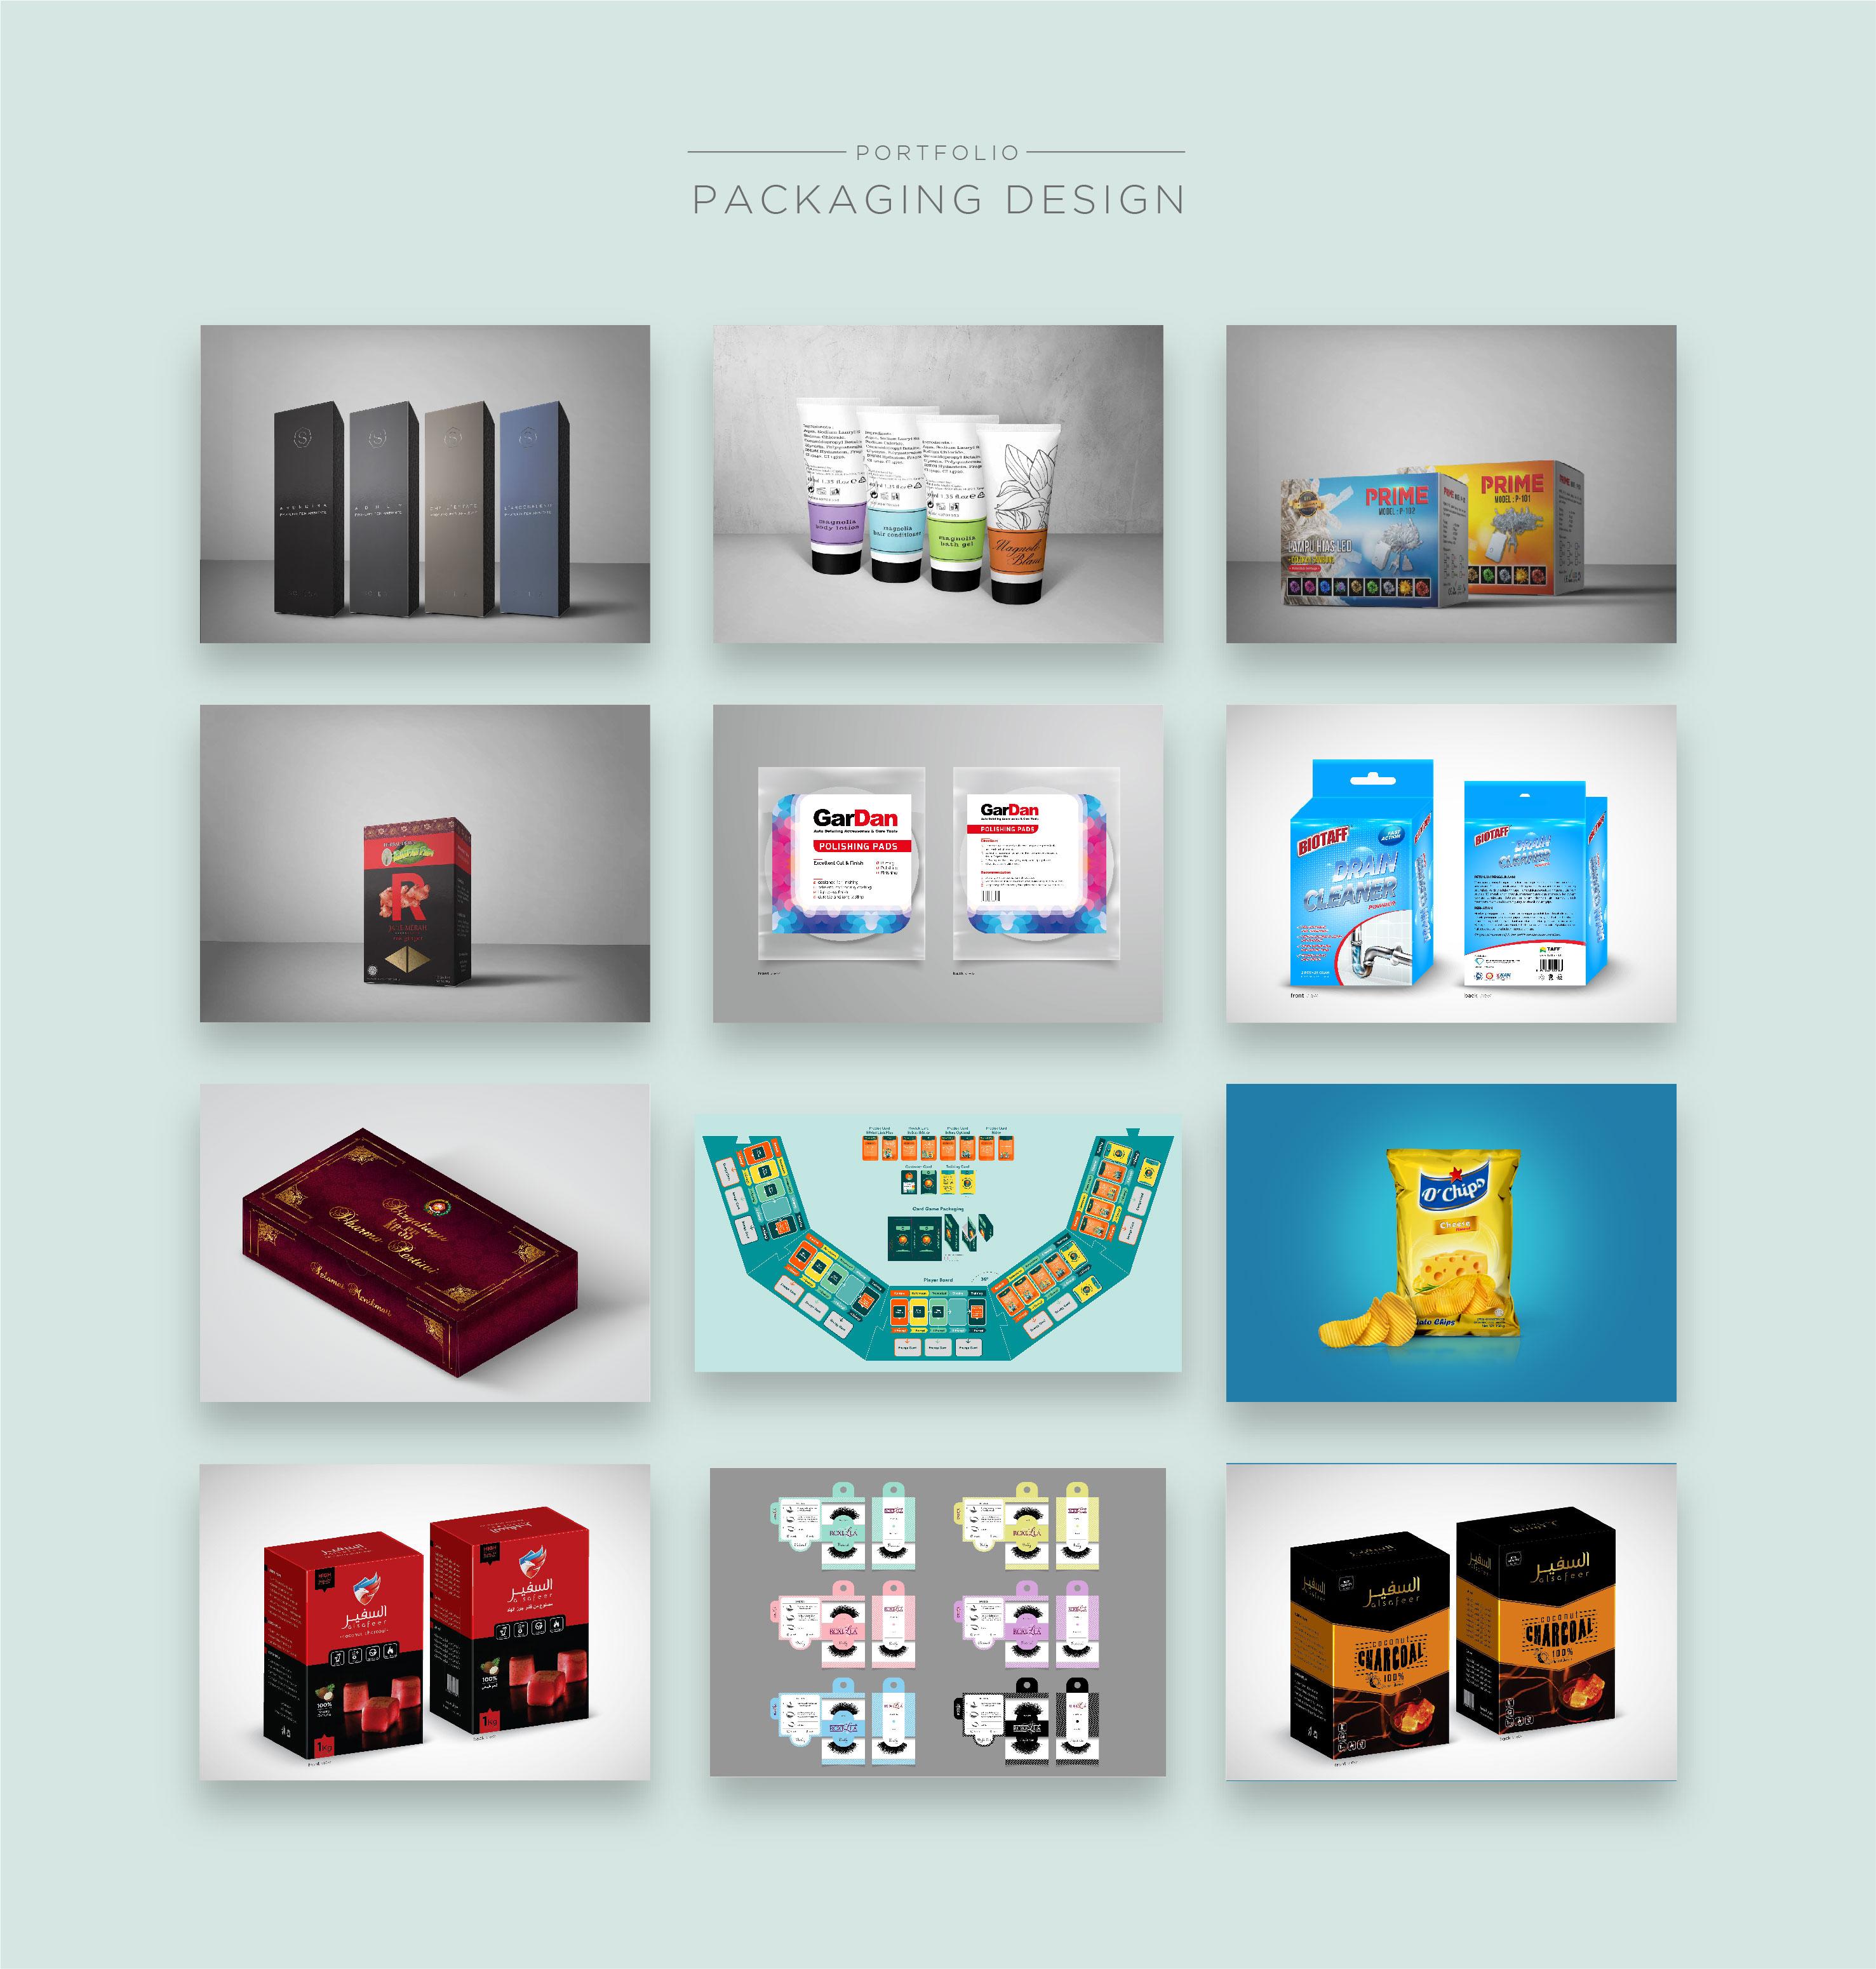 Portofolio packaging 01 ca3614cd09